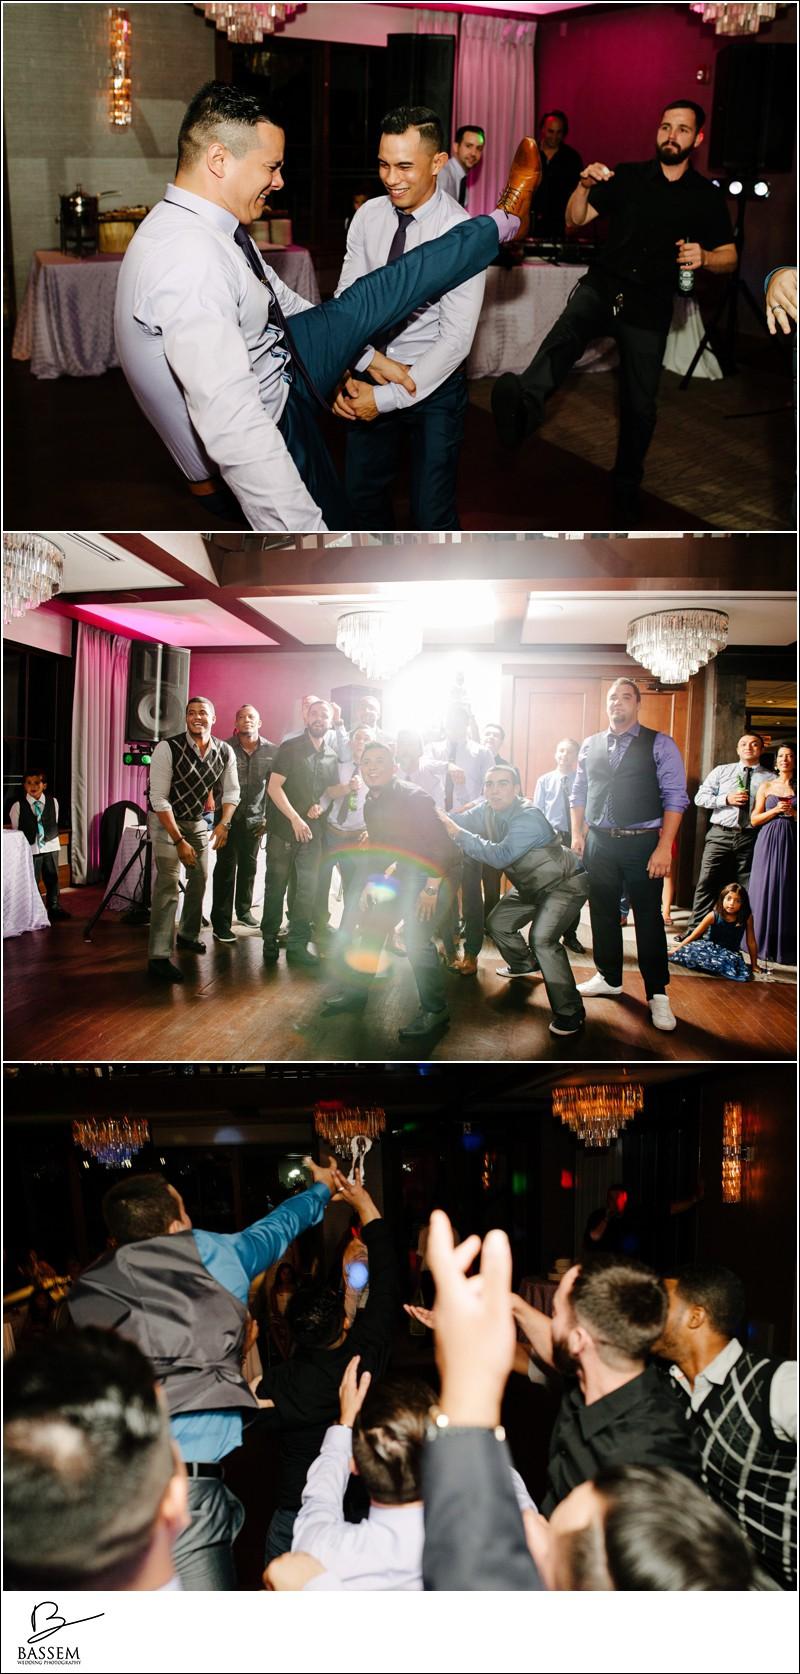 whistle-bear-golf-club-wedding-bassem-173